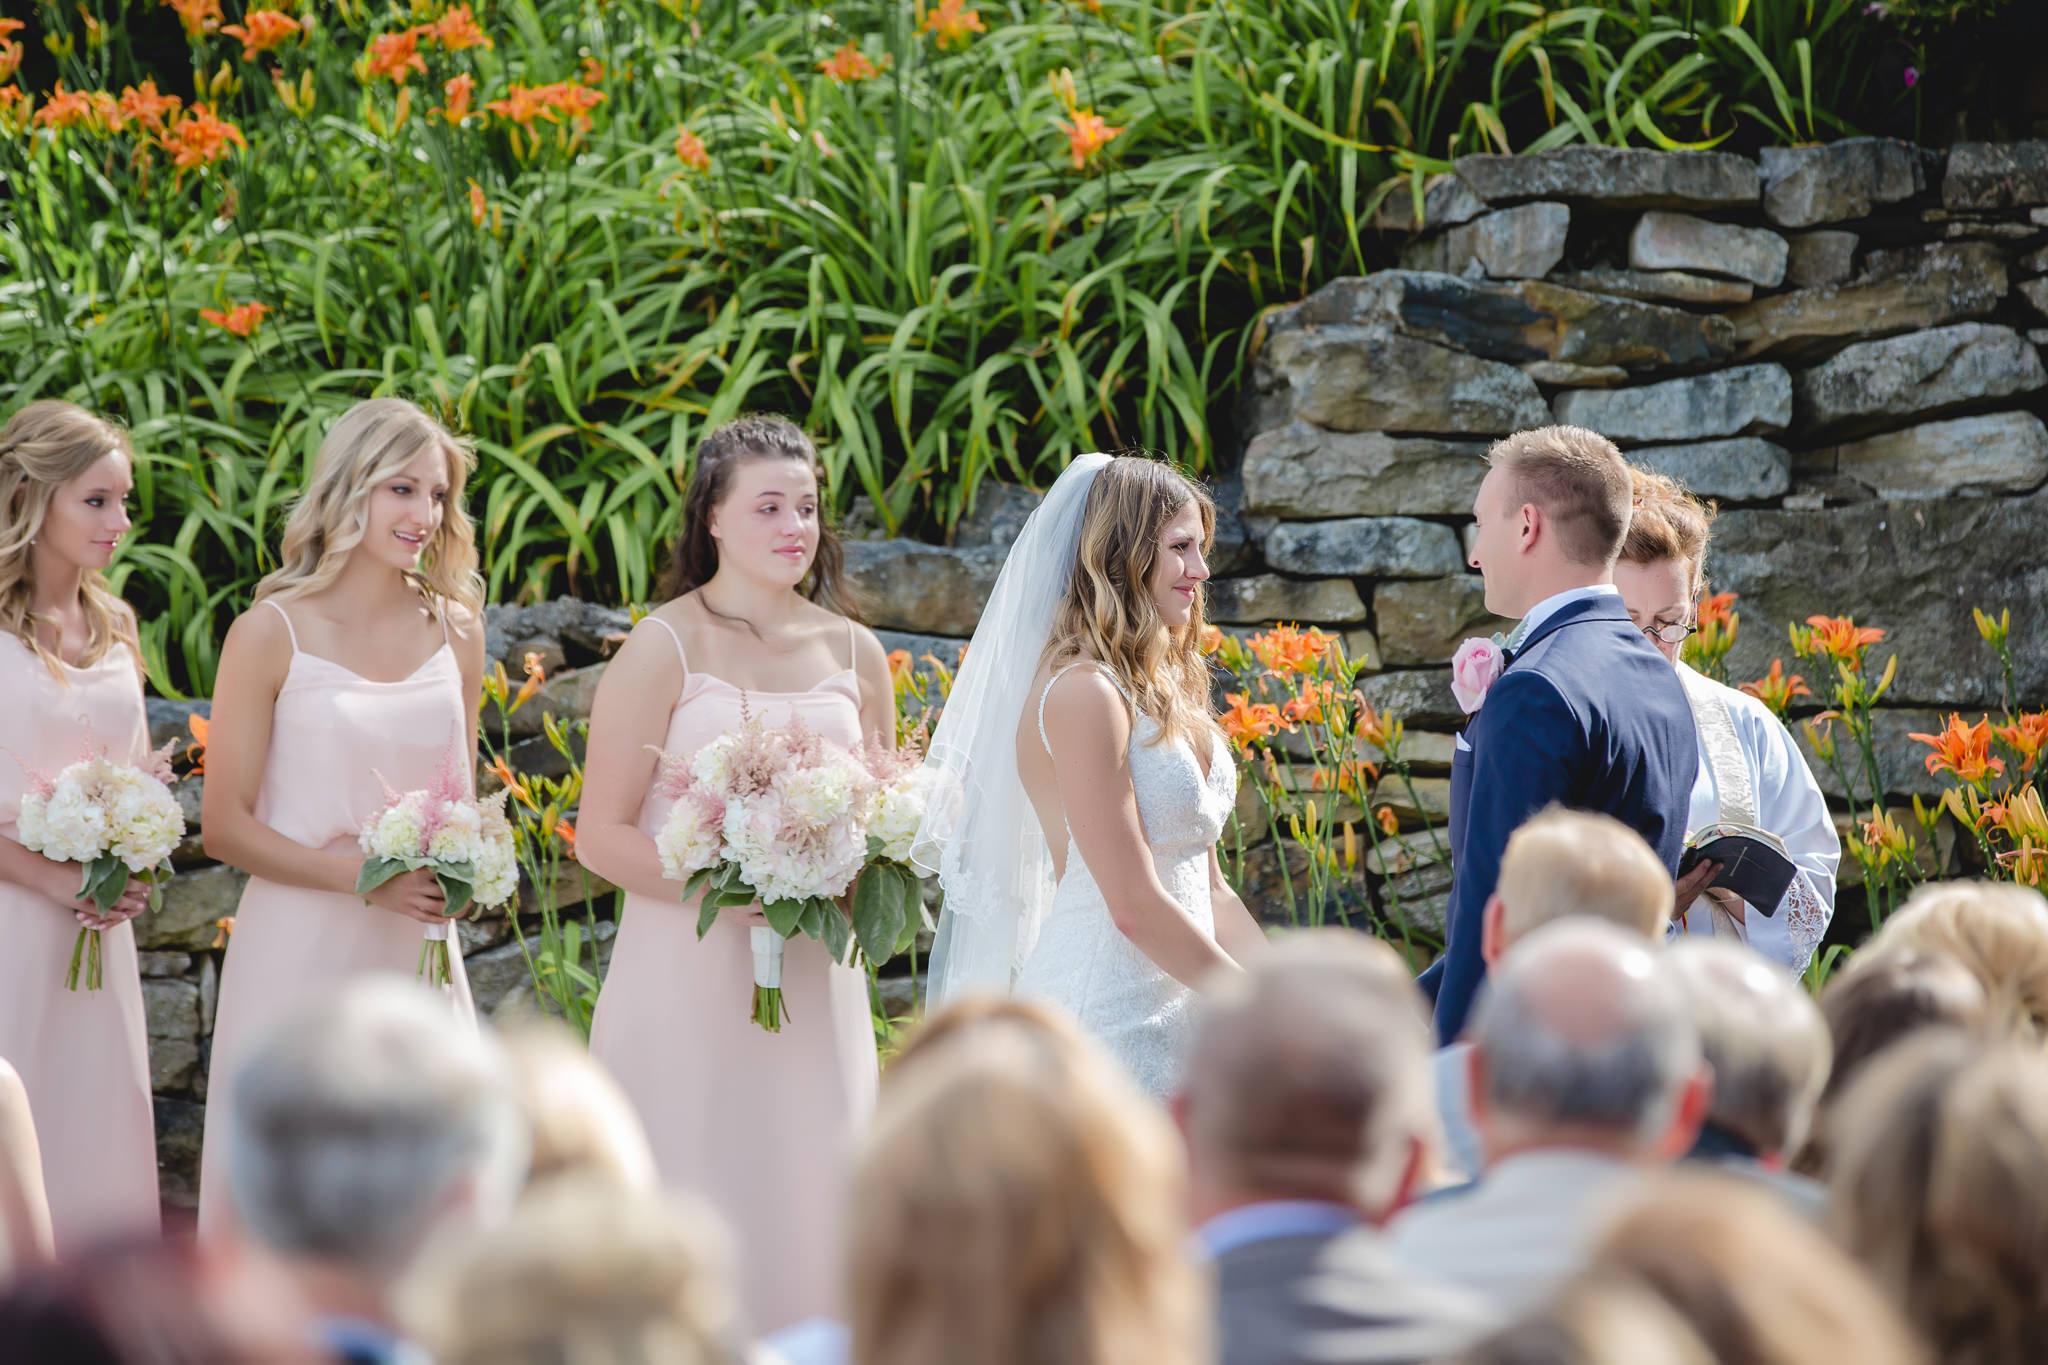 Summer wedding at Hidden Valley Resort